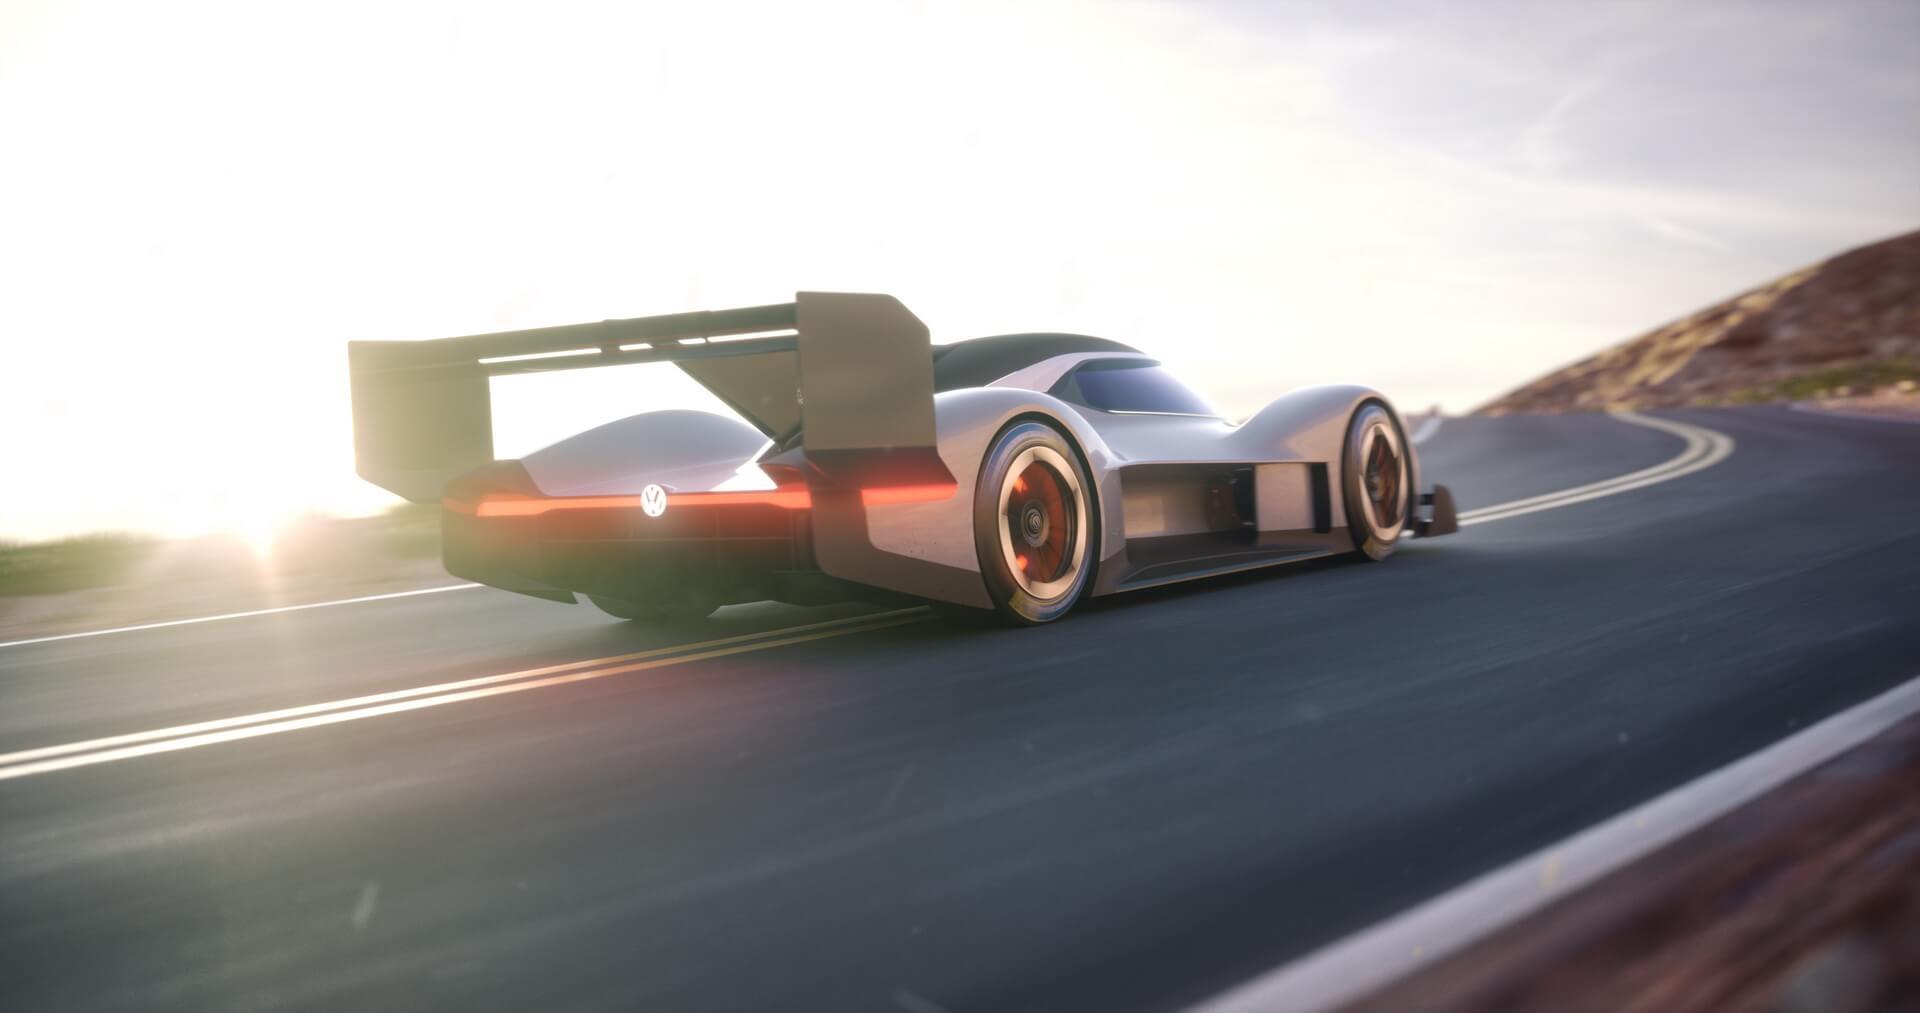 Гоночный электрокар Volkswagen I.D. R для участия в горной гонке Pikes Peak